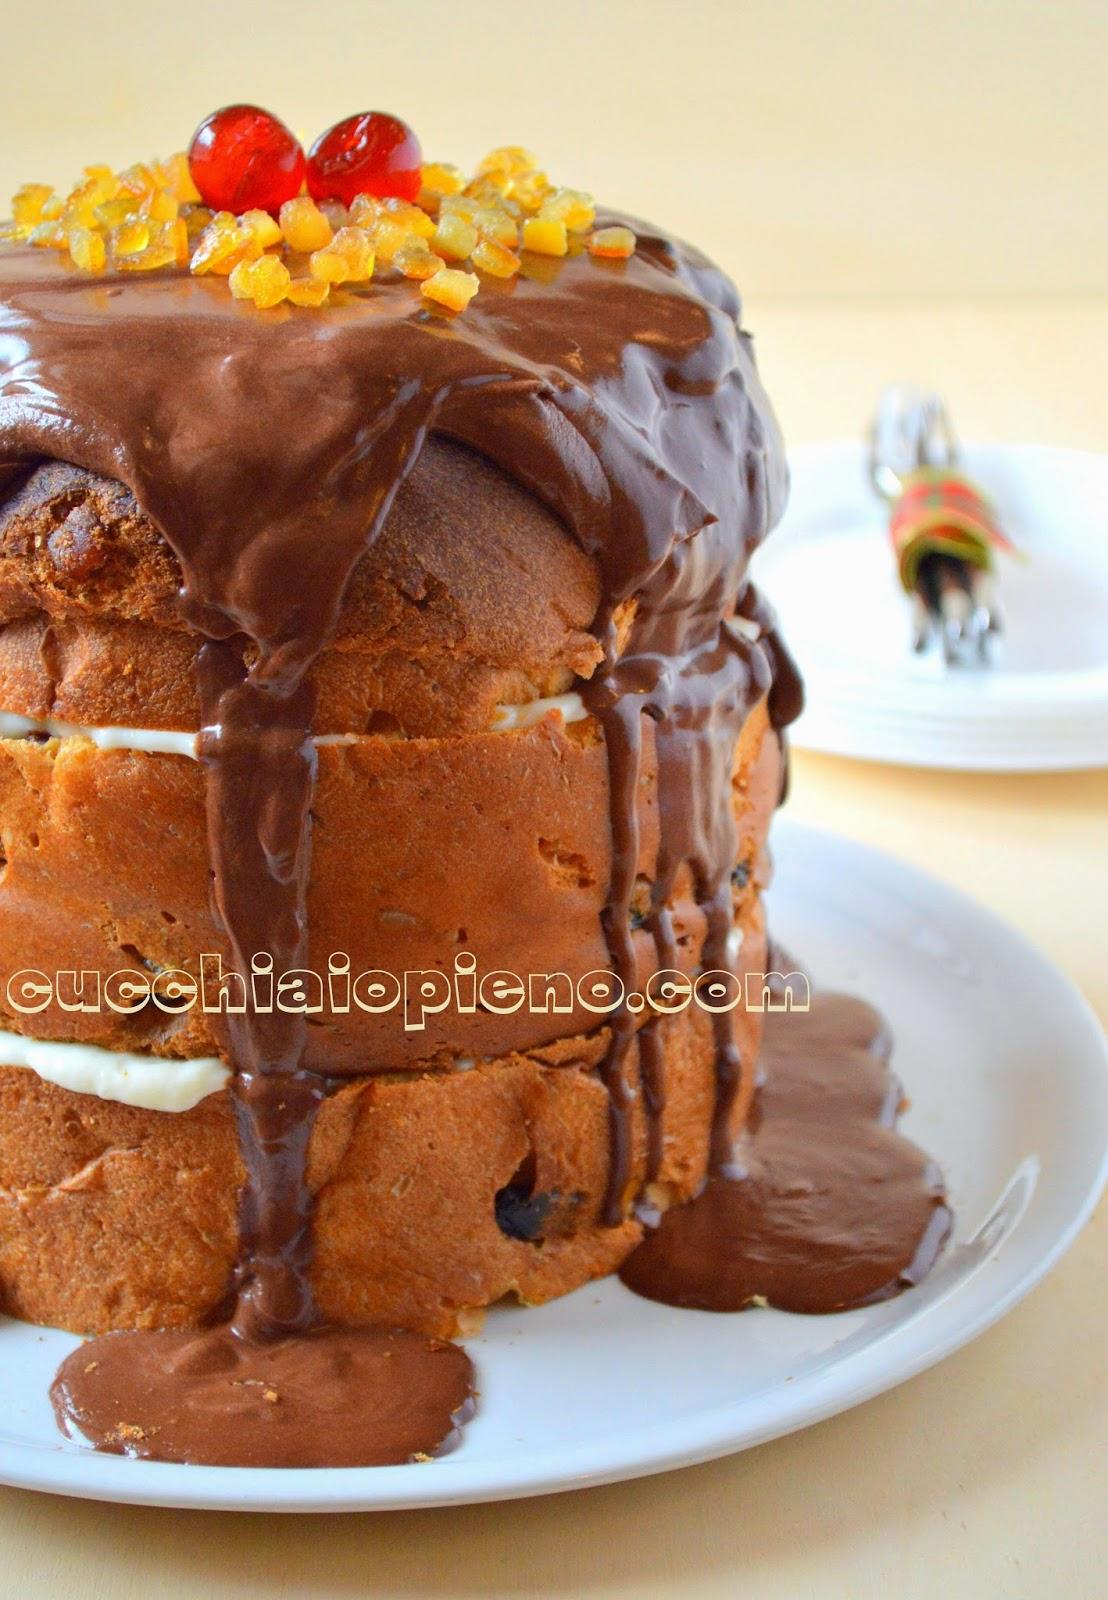 panetone recheado com creme e ganache de chocolate